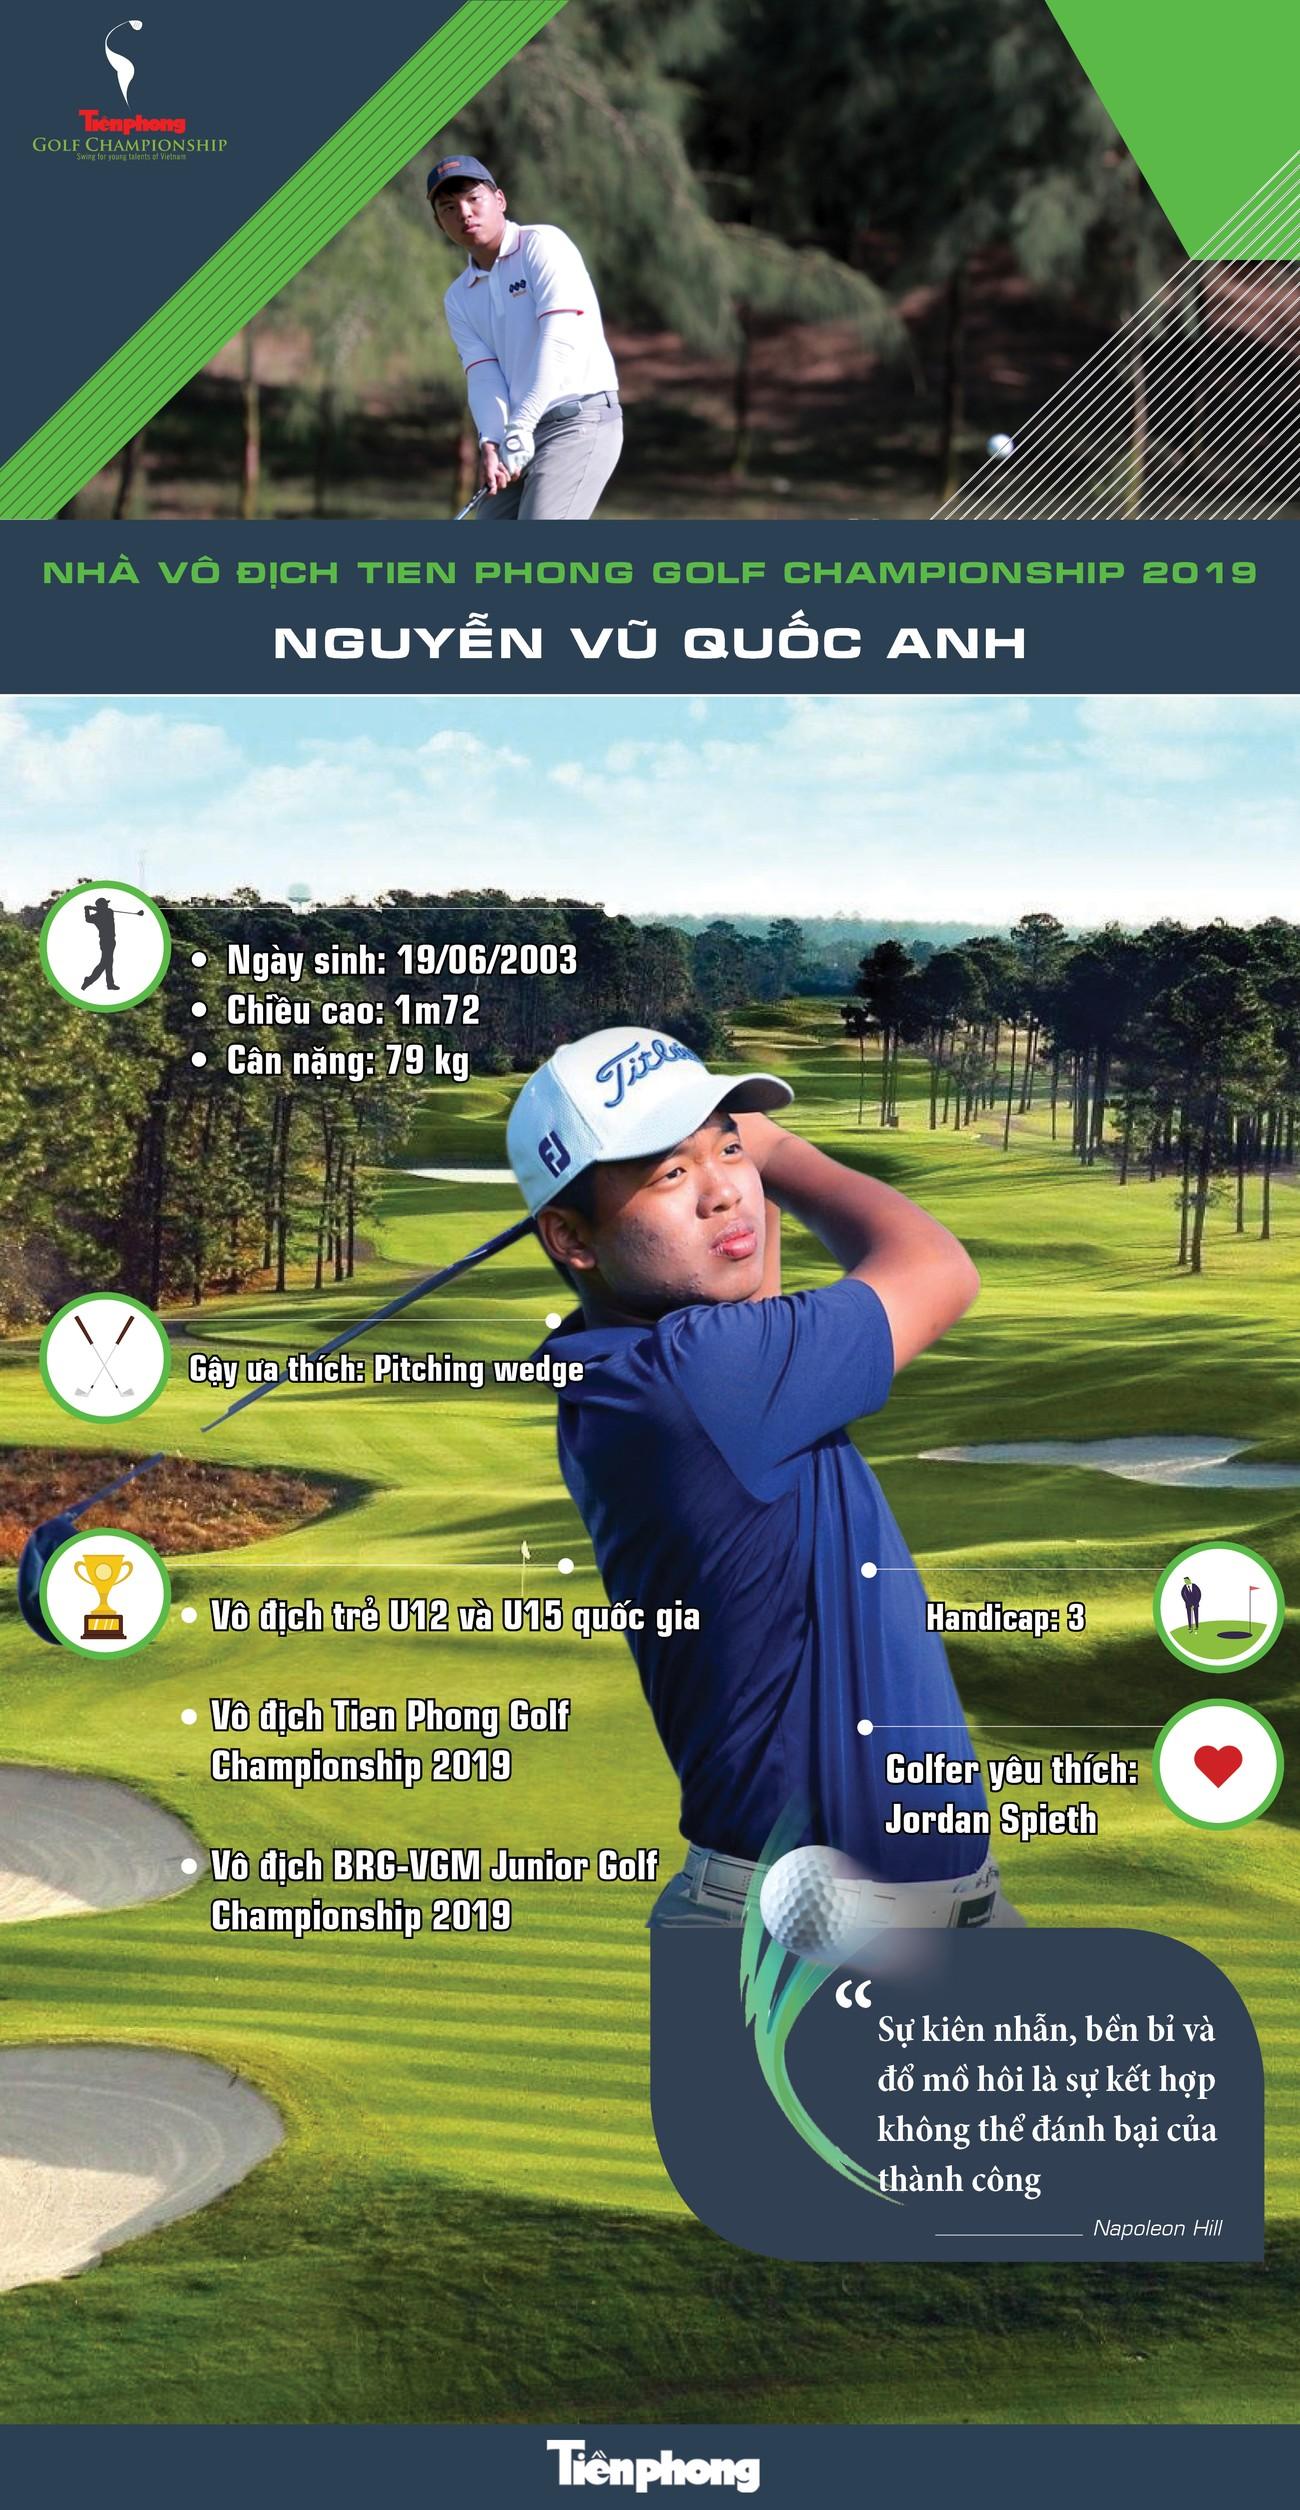 Nhà vô địch Tiền Phong Golf Championship 2019 Nguyễn Vũ Quốc Anh ảnh 1